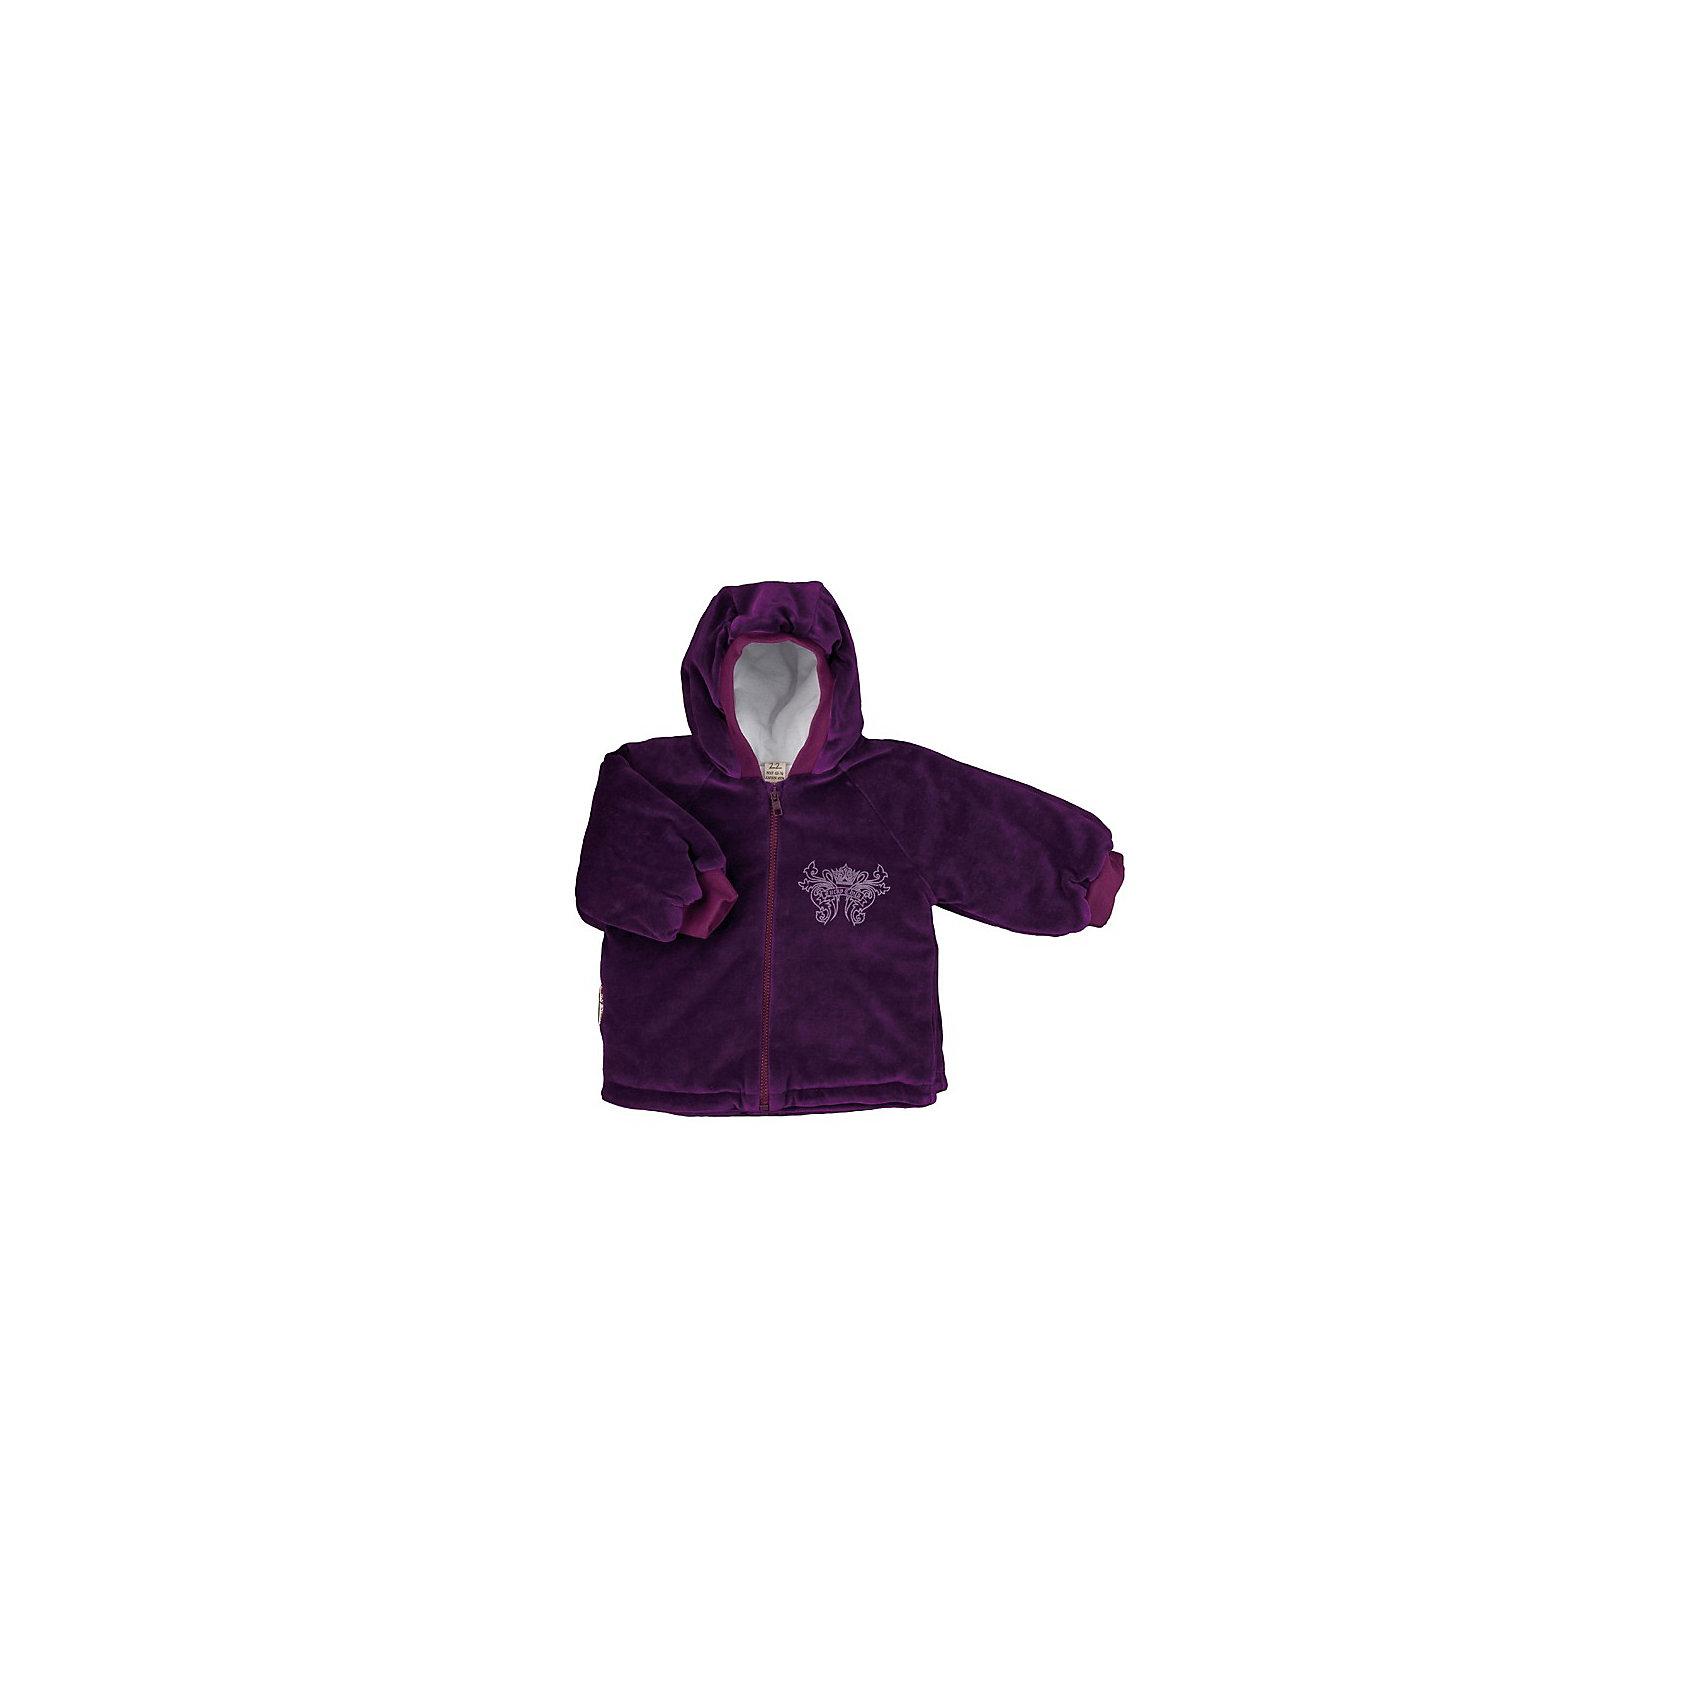 Утепленный комплект для девочки: кардиган и ползунки Lucky ChildКомплекты<br>Теплый и уютный комплект для девочки: куртка и ползунки. Предназначен для использования в сухую погоду при температуре воздуха выше + 15 градусов и обладает следующими особенностями: - модный цвет; - высокое качество исполнения от Lucky Child; - полностью натуральные гипоаллергенные материалы (100% хлопок), приятные к телу. Куртка с глубоким теплым капюшоном и с застежкой-молнией, предусматривающей защиту подбородка. Манжеты выполнены из мягкой трикотажной резинки, обеспечивающей более плотное прилегание к телу. Ползунки с кнопками на плечах и по бокам, а также с мягкими манжетами с отворотом.<br><br>Ширина мм: 157<br>Глубина мм: 13<br>Высота мм: 119<br>Вес г: 200<br>Цвет: фиолетовый<br>Возраст от месяцев: 3<br>Возраст до месяцев: 6<br>Пол: Женский<br>Возраст: Детский<br>Размер: 62/68,80/86,74/80,68/74<br>SKU: 3340794